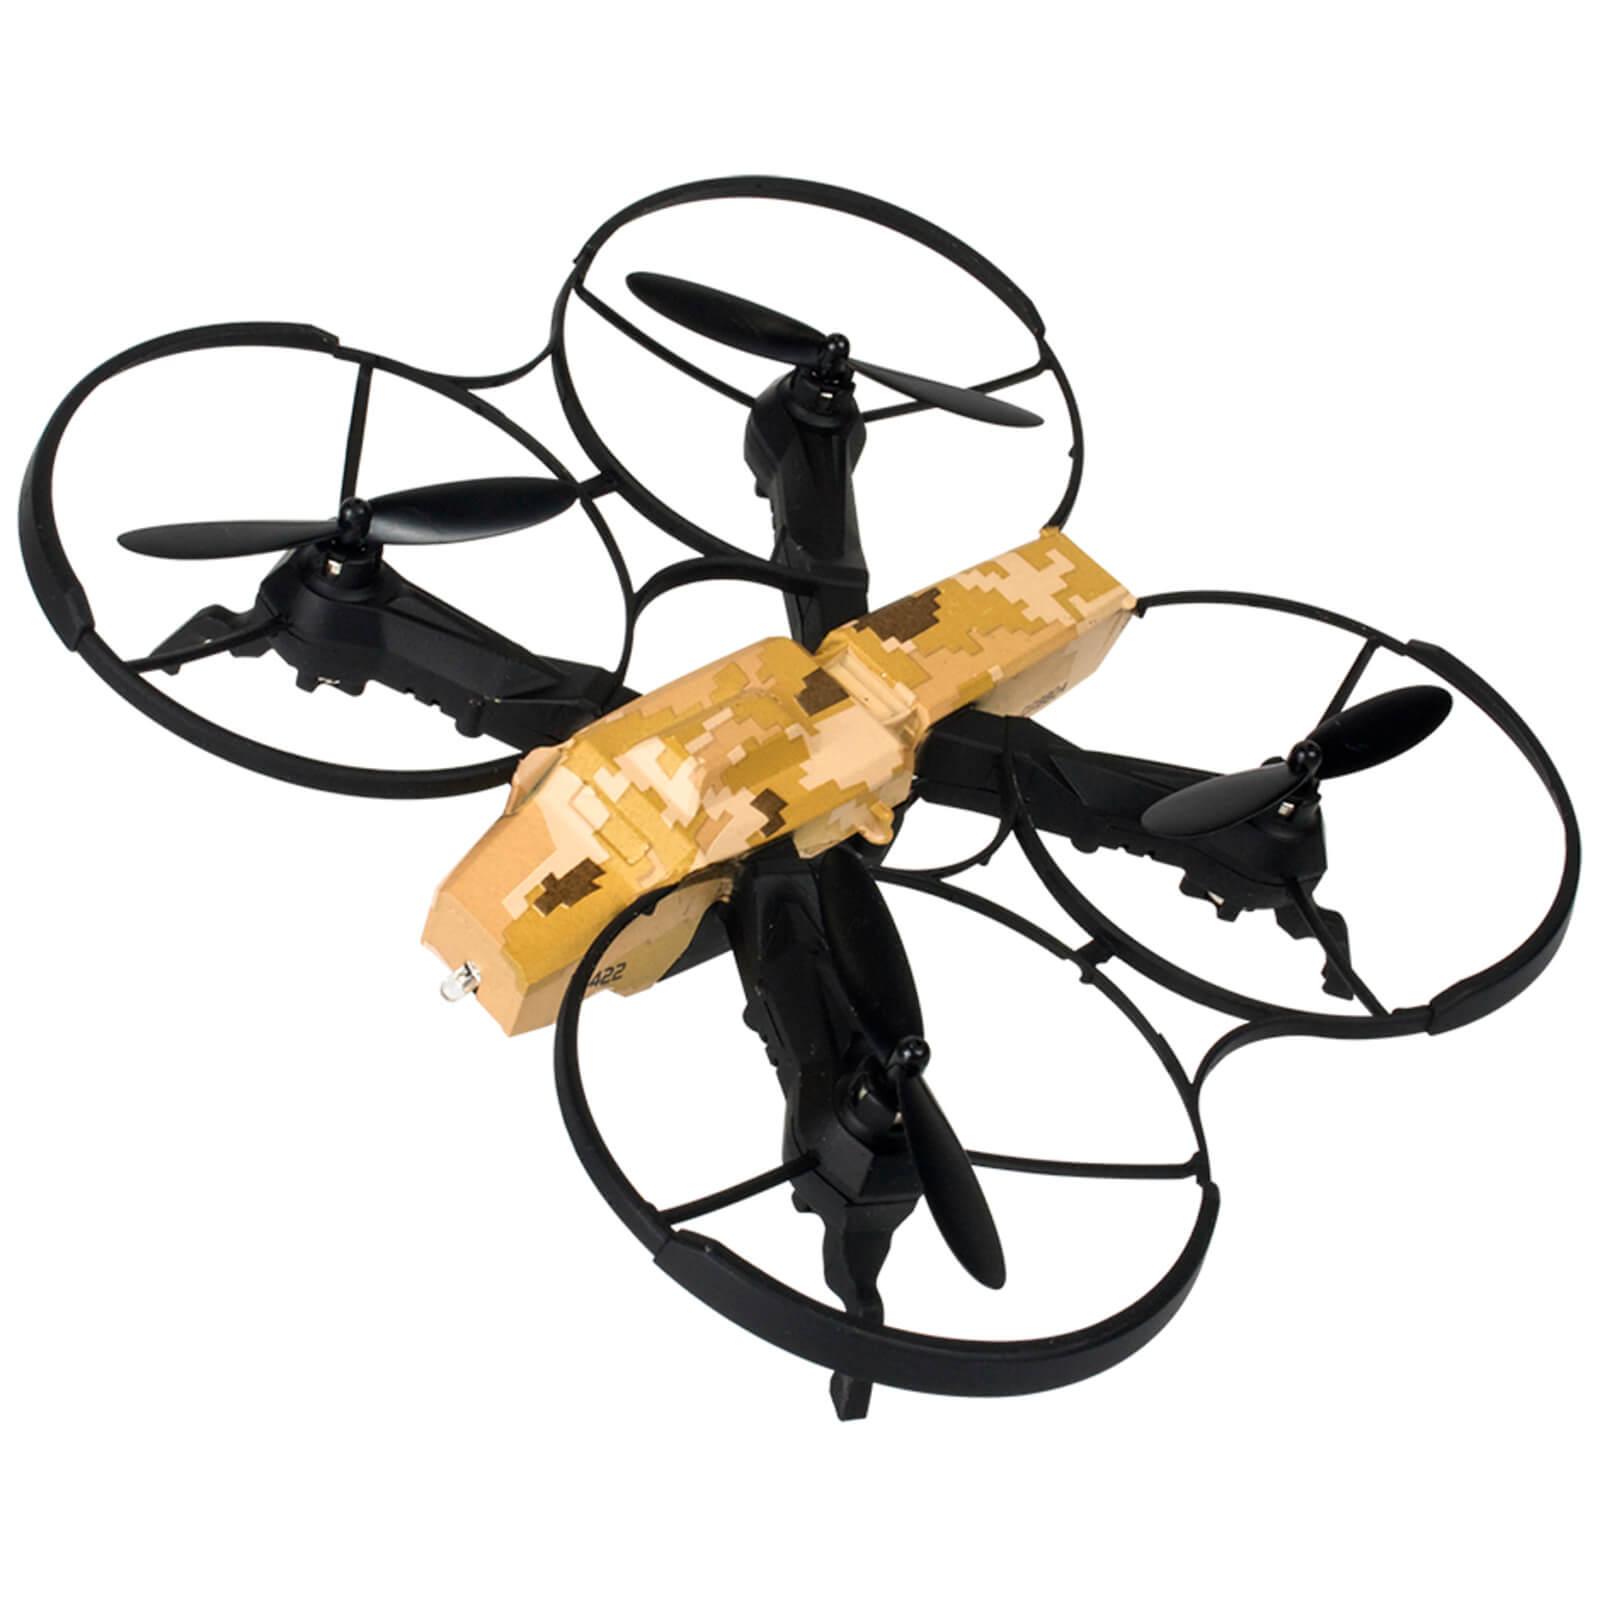 Call of Duty Single Battle Drone